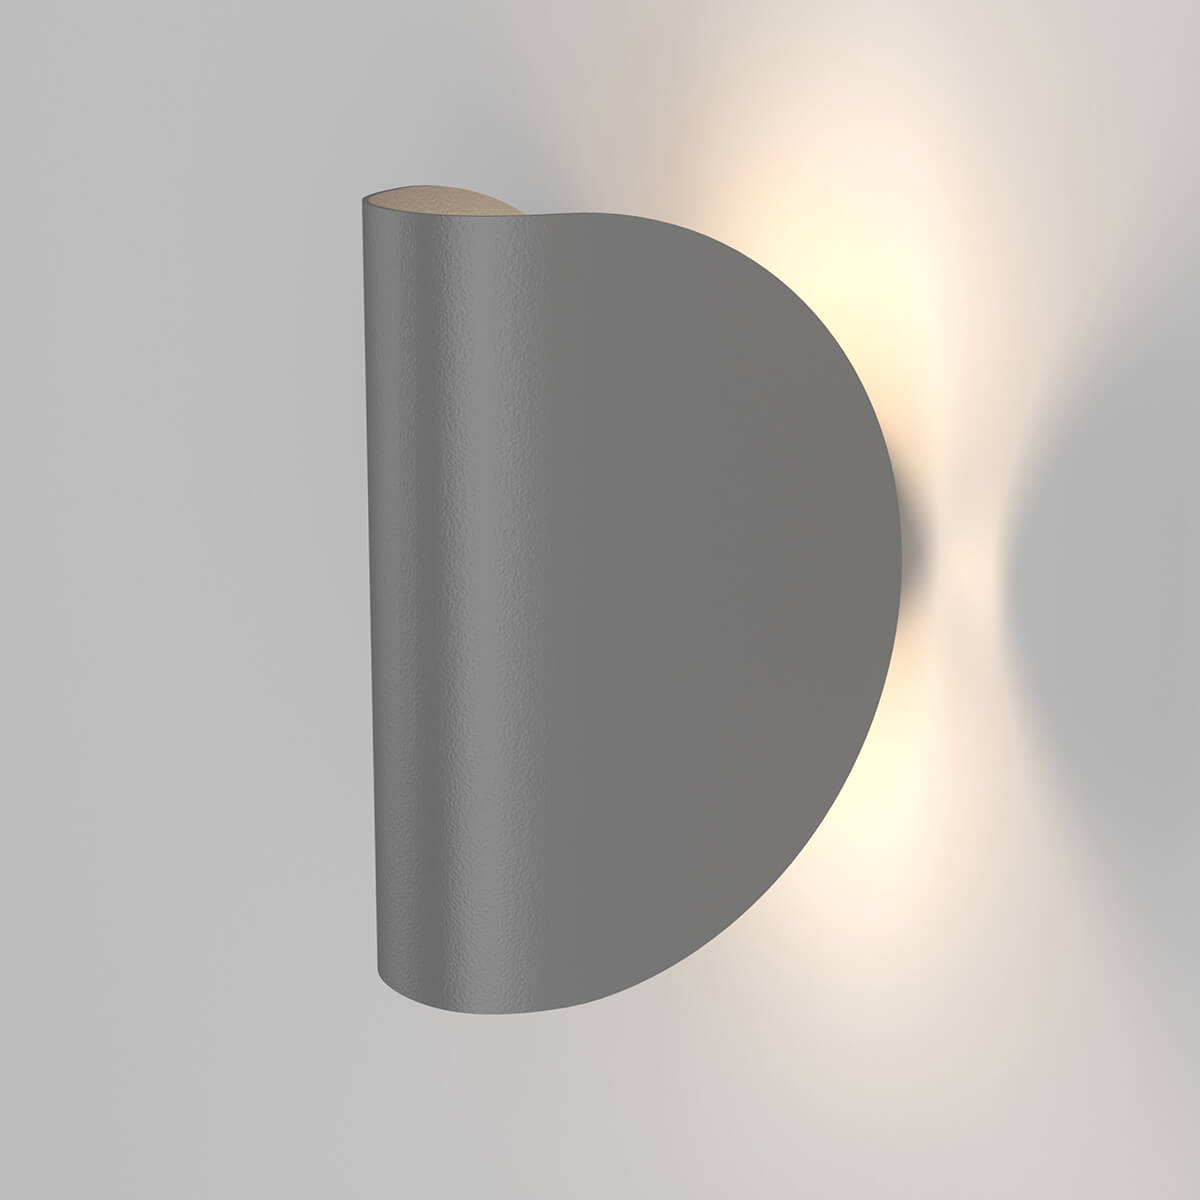 Светильник Elektrostandard 4690389167263 Taco